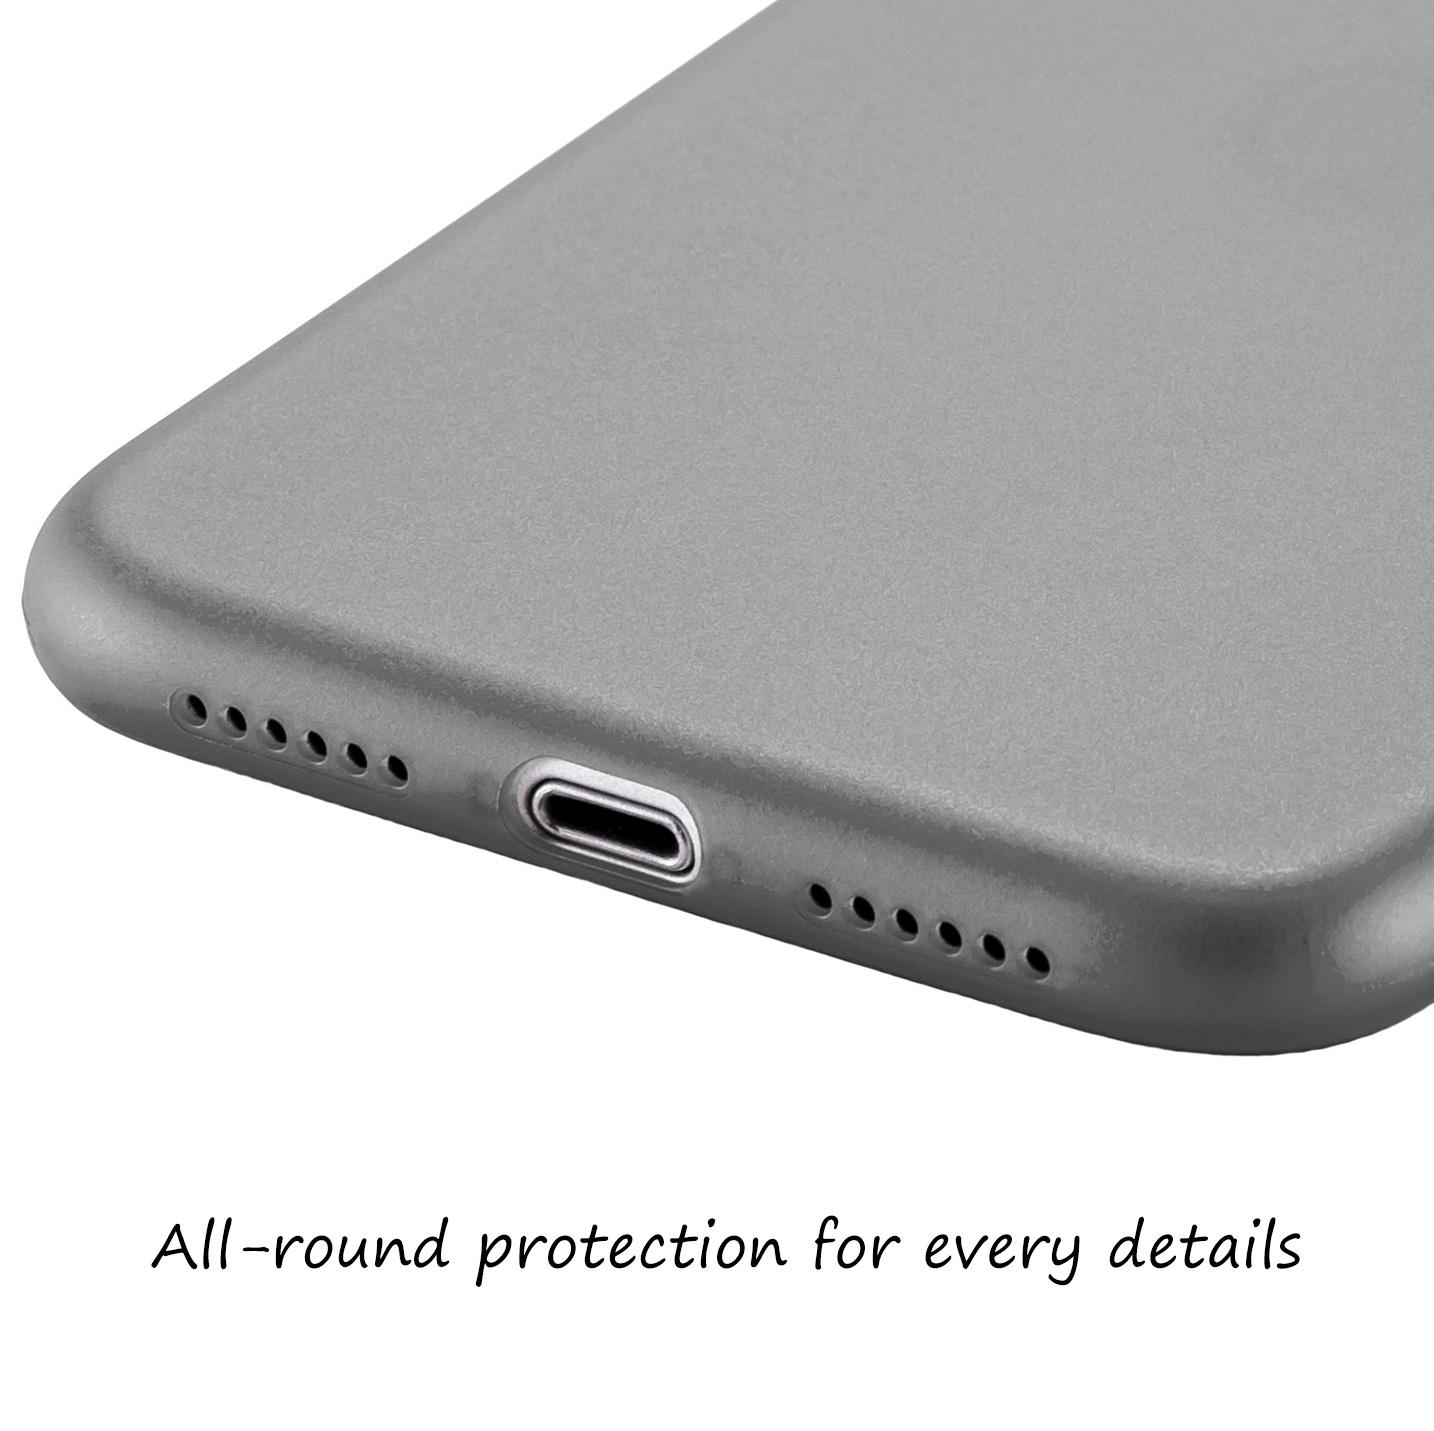 Ultra-Slim-Case-iPhone-11-6-1-034-Matt-Clear-Schutz-Huelle-Skin-Cover-Tasche-Folie Indexbild 40